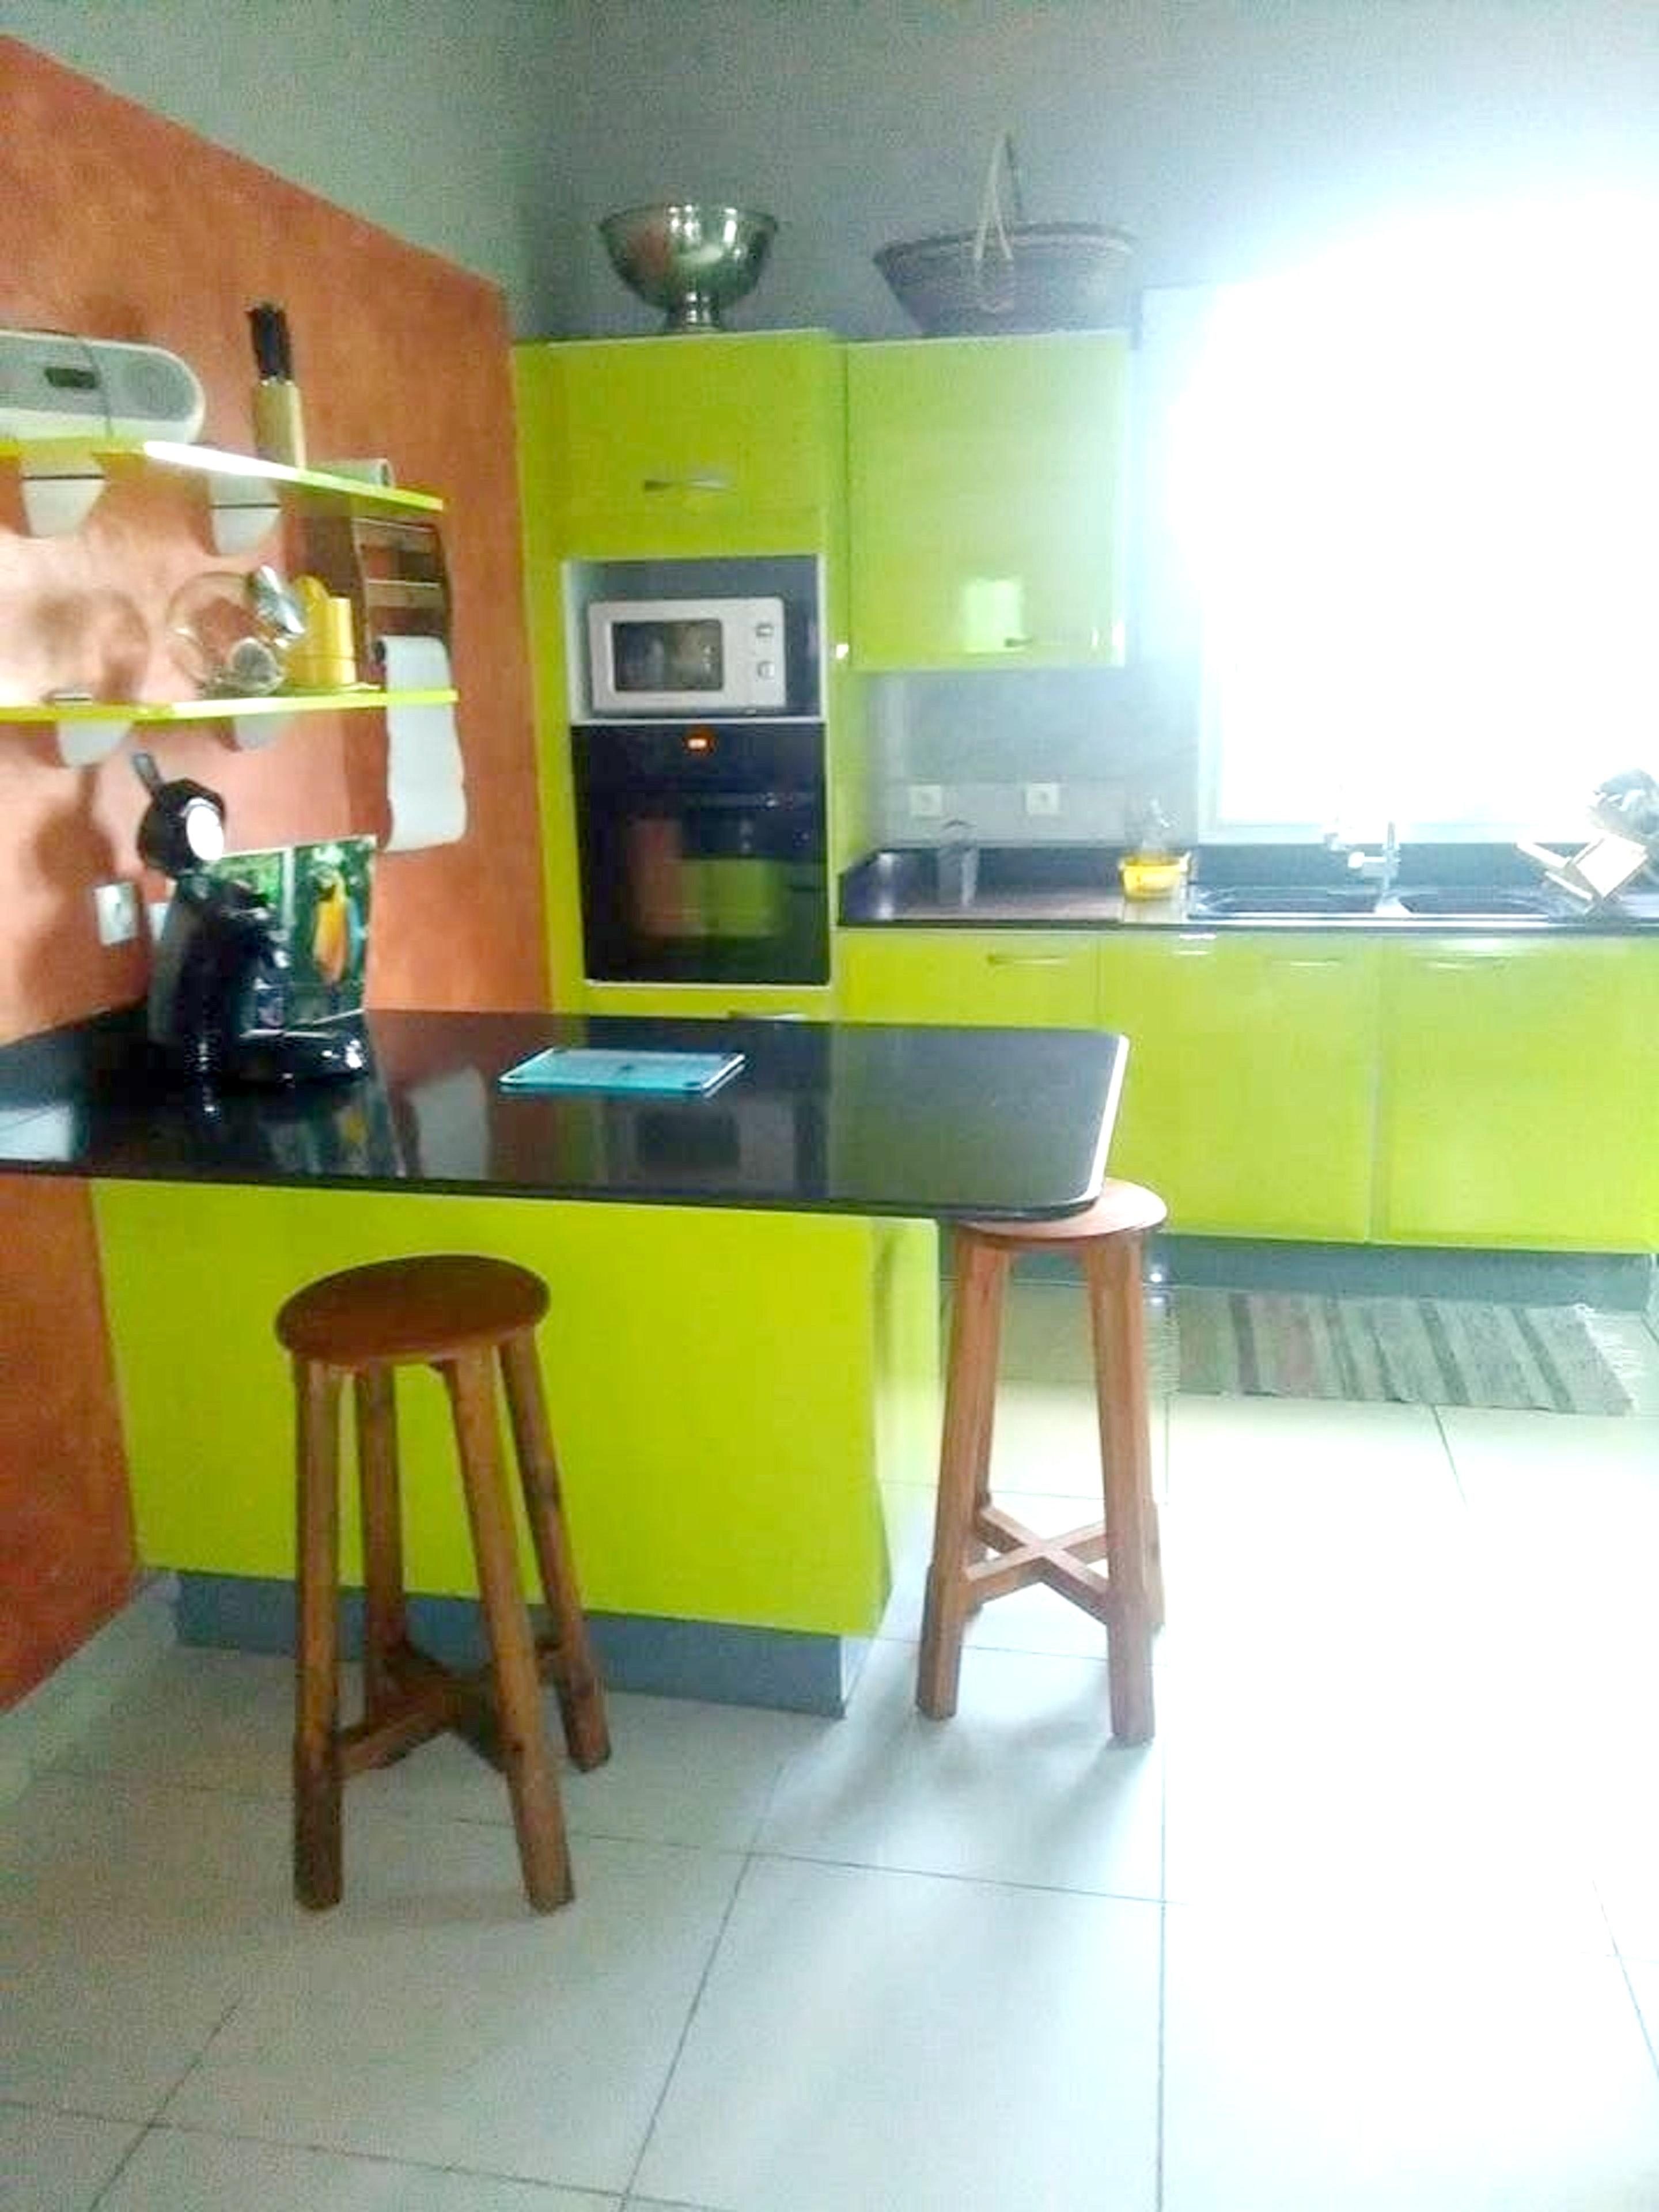 Wohnung mit 2 Schlafzimmern in Sainte Rose mit m&o Ferienwohnung in Guadeloupe